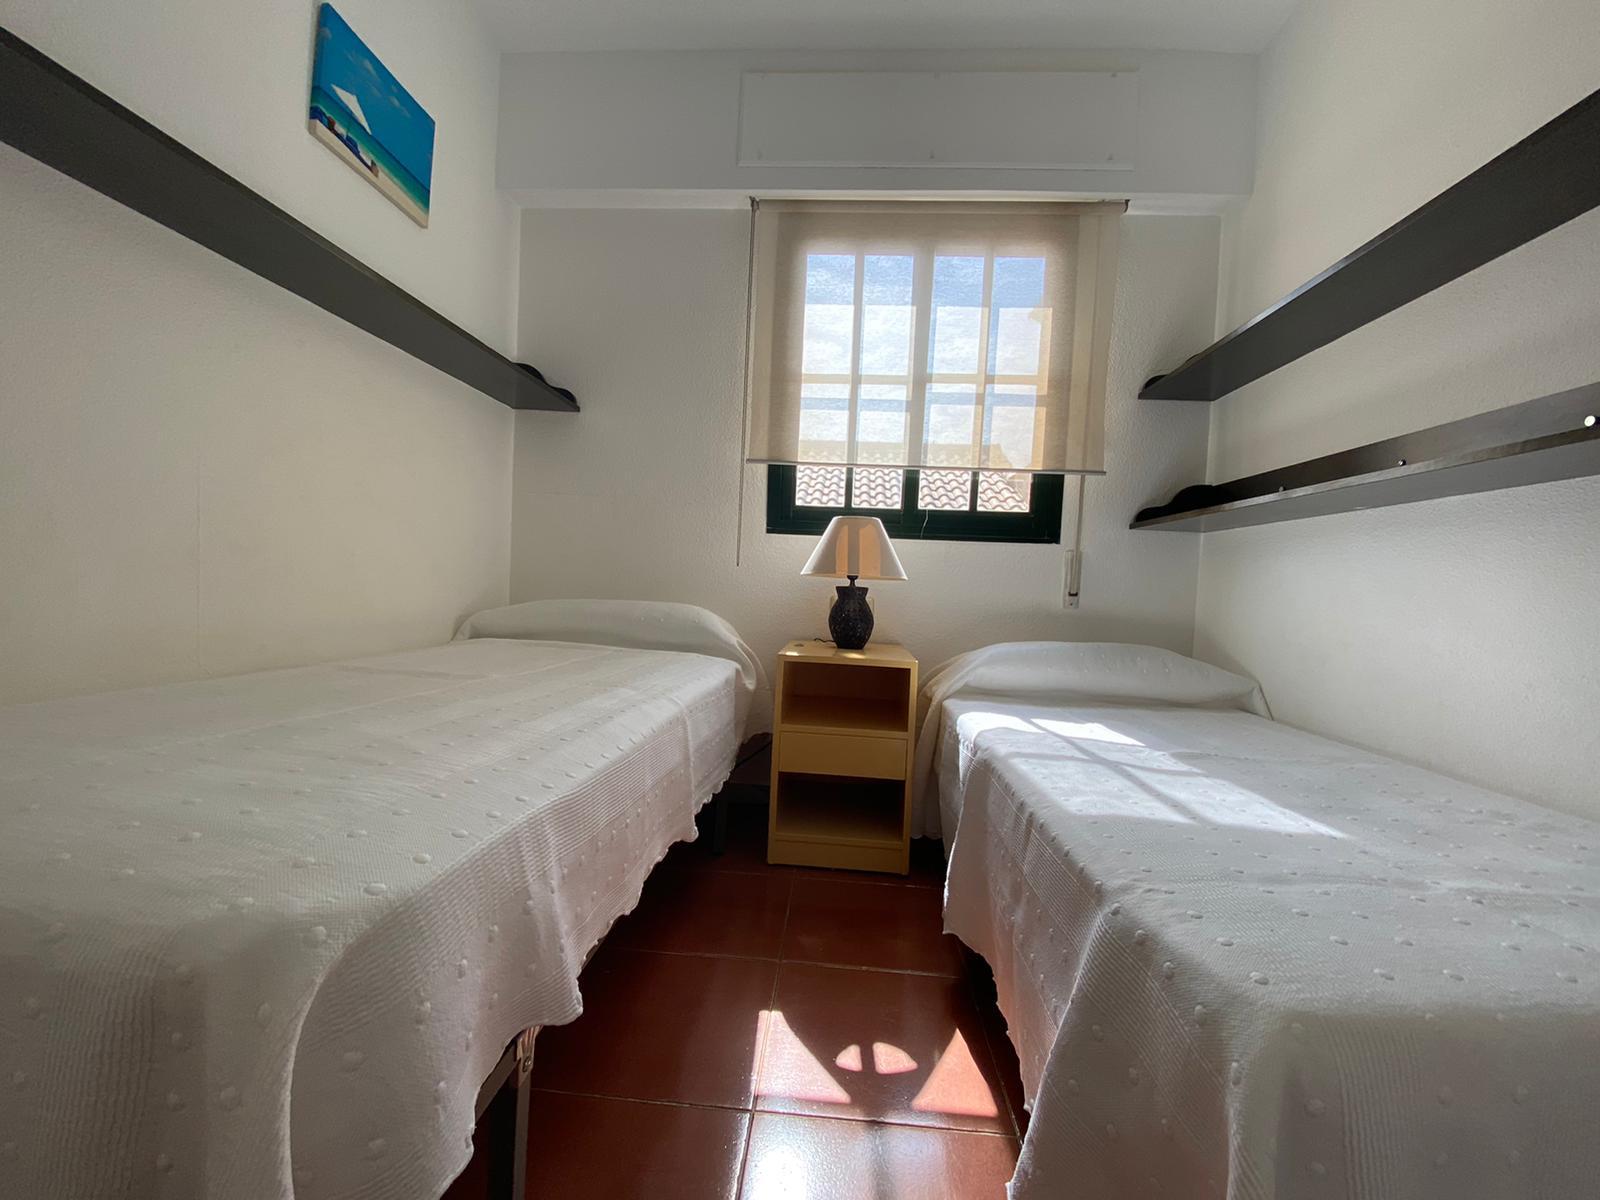 Imagen 24 del Vivienda Turística, Ático 94 (3d+2b), Isla Canela (HUELVA), Avda. de las Codornices nº 24 bloque 1-3